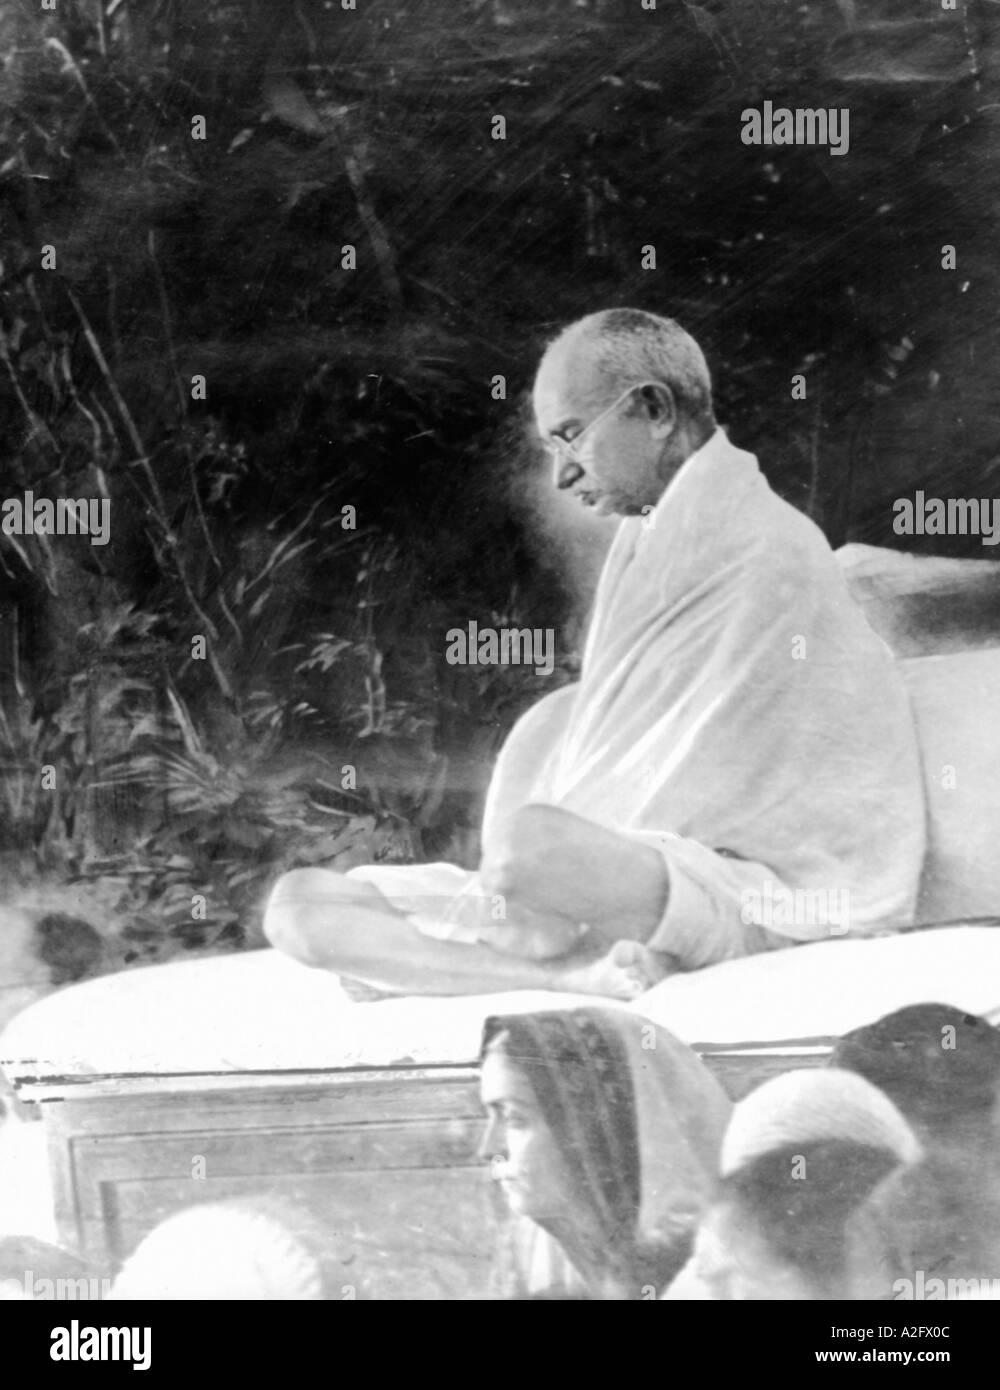 MKG33091 il Mahatma Gandhi durante l incontro di preghiera Gandhigram spiaggia Juhu di Mumbai Bombay Maharashtra India Maggio 1944 Immagini Stock